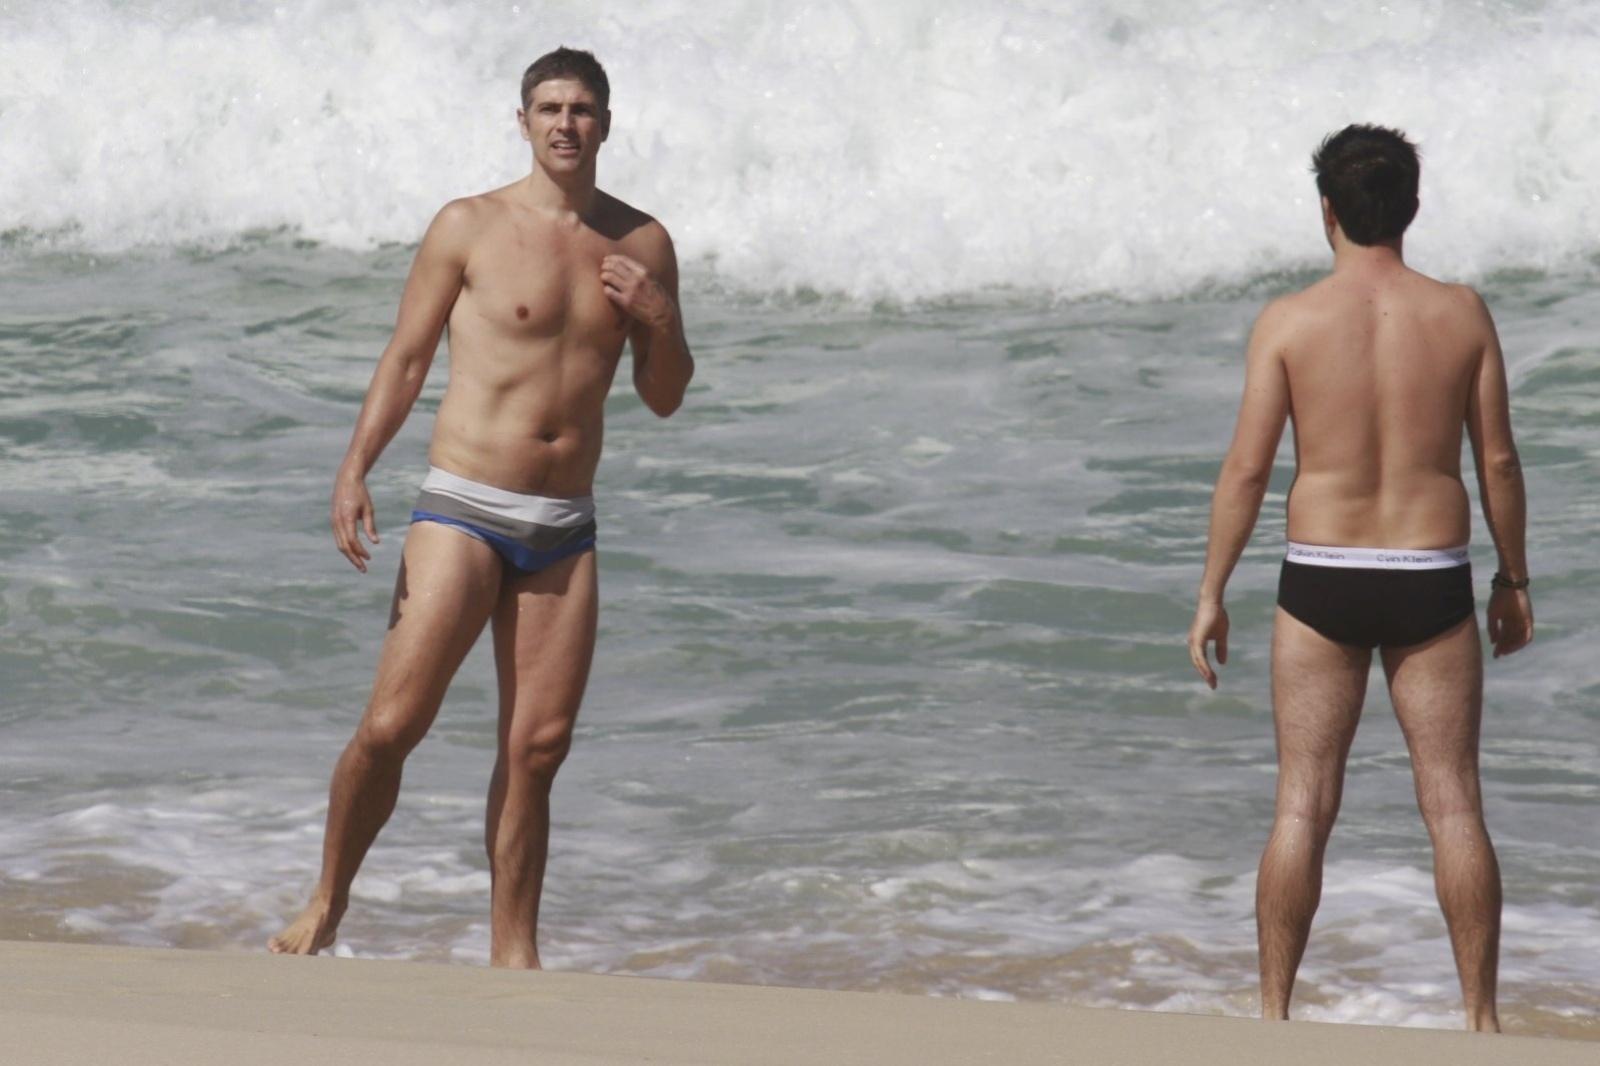 2.ago.2013 - Acompanhado de um amigo, o ator Reynaldo Gianecchini mergulha na praia da Reserva, na zona oeste do Rio